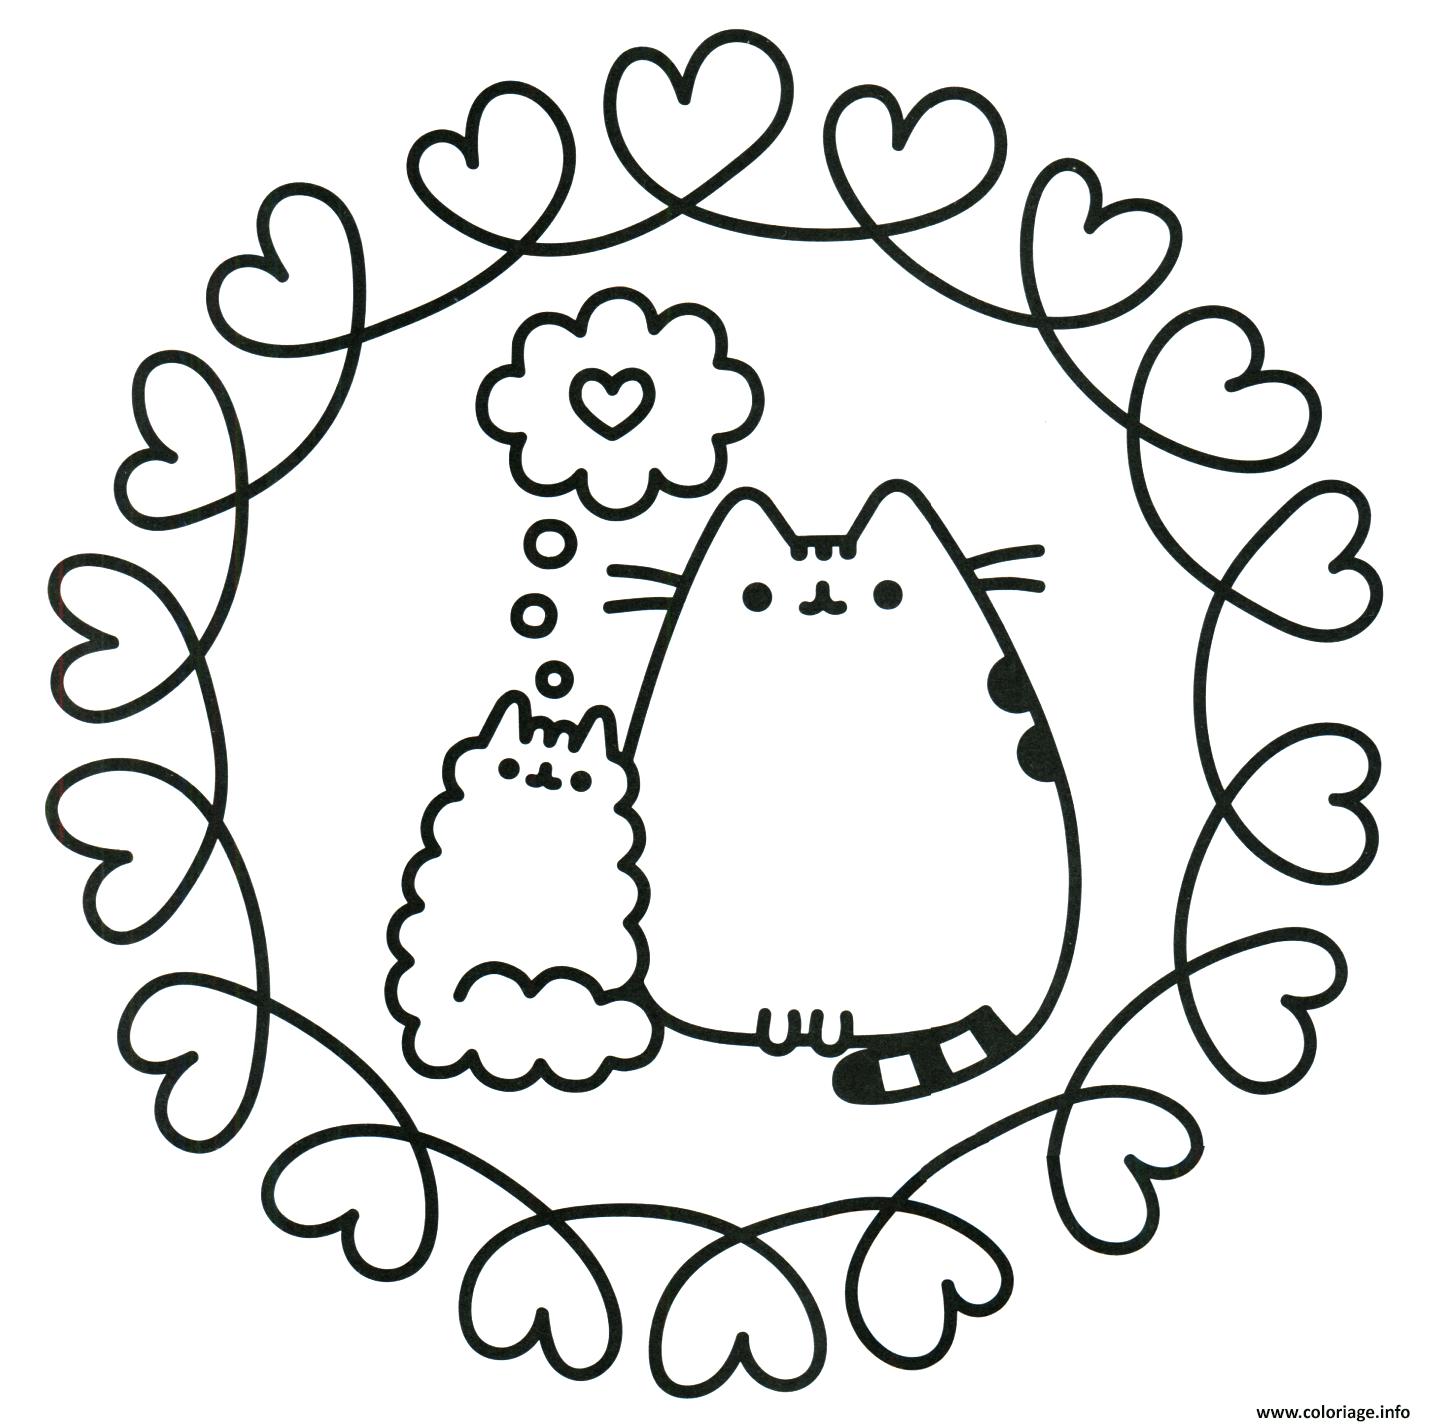 Coloriage Pusheen The Cat En Amour dessin